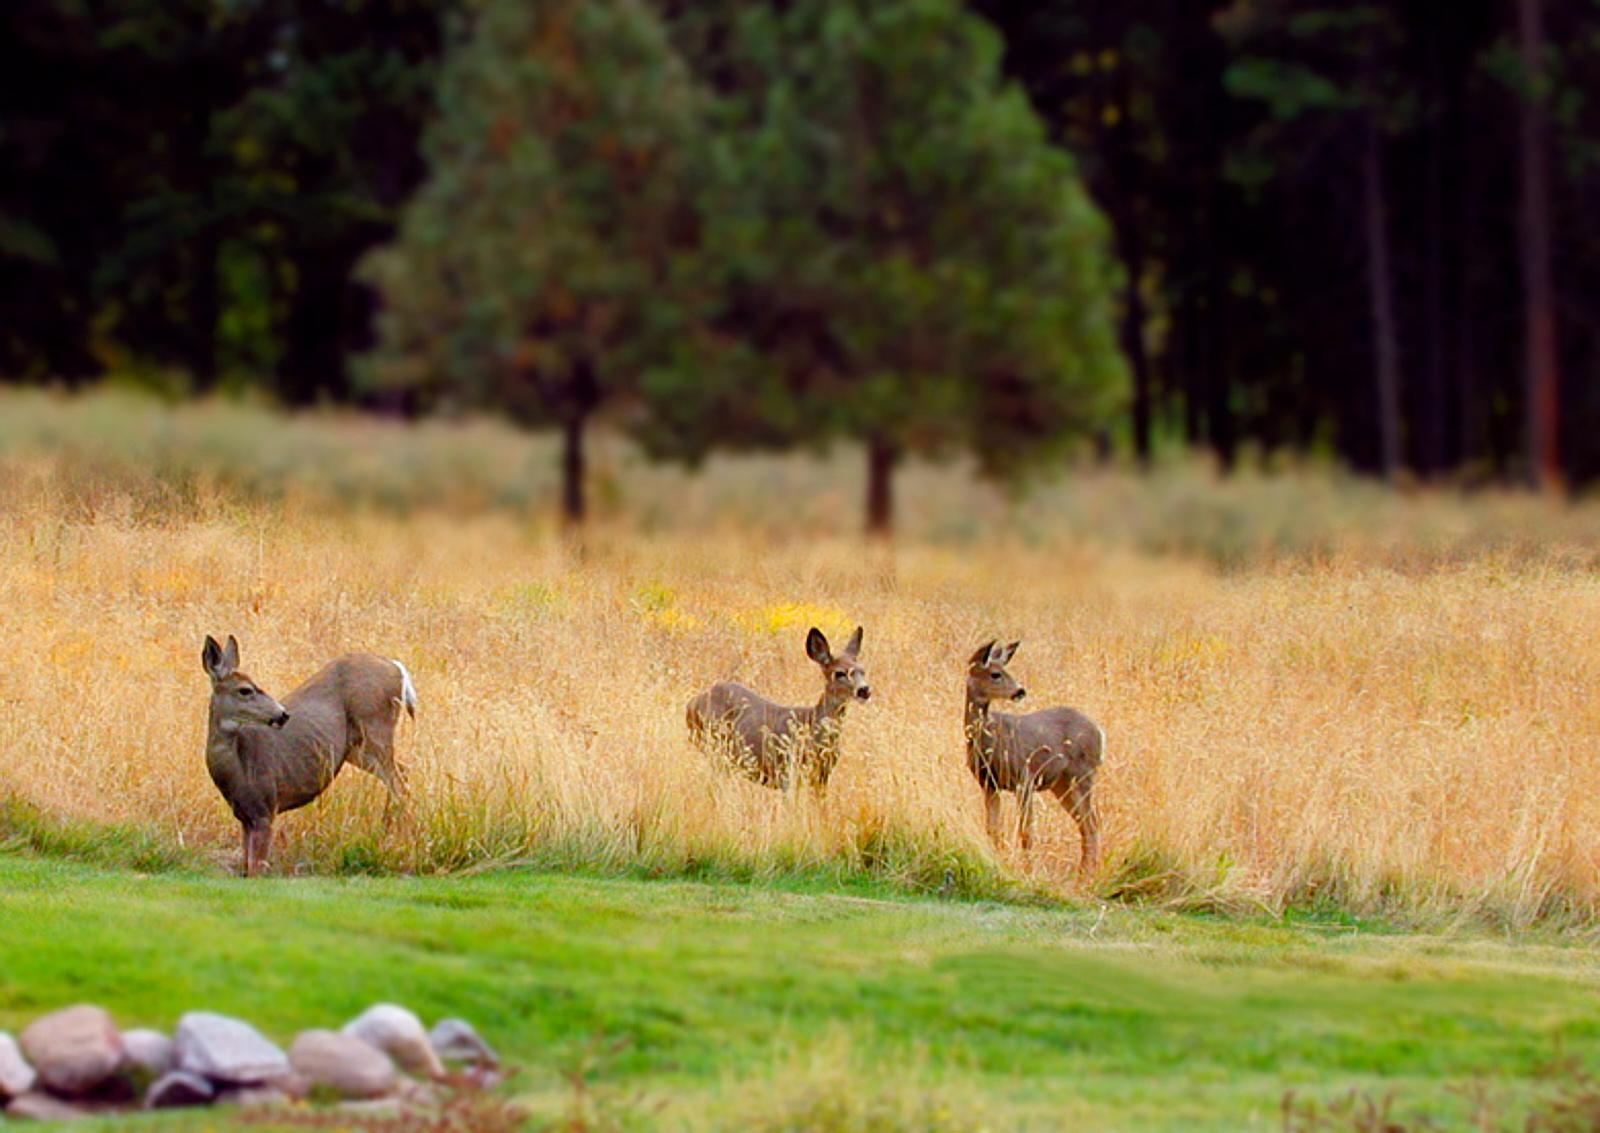 Deer_Fall_in_Meadow.jpg